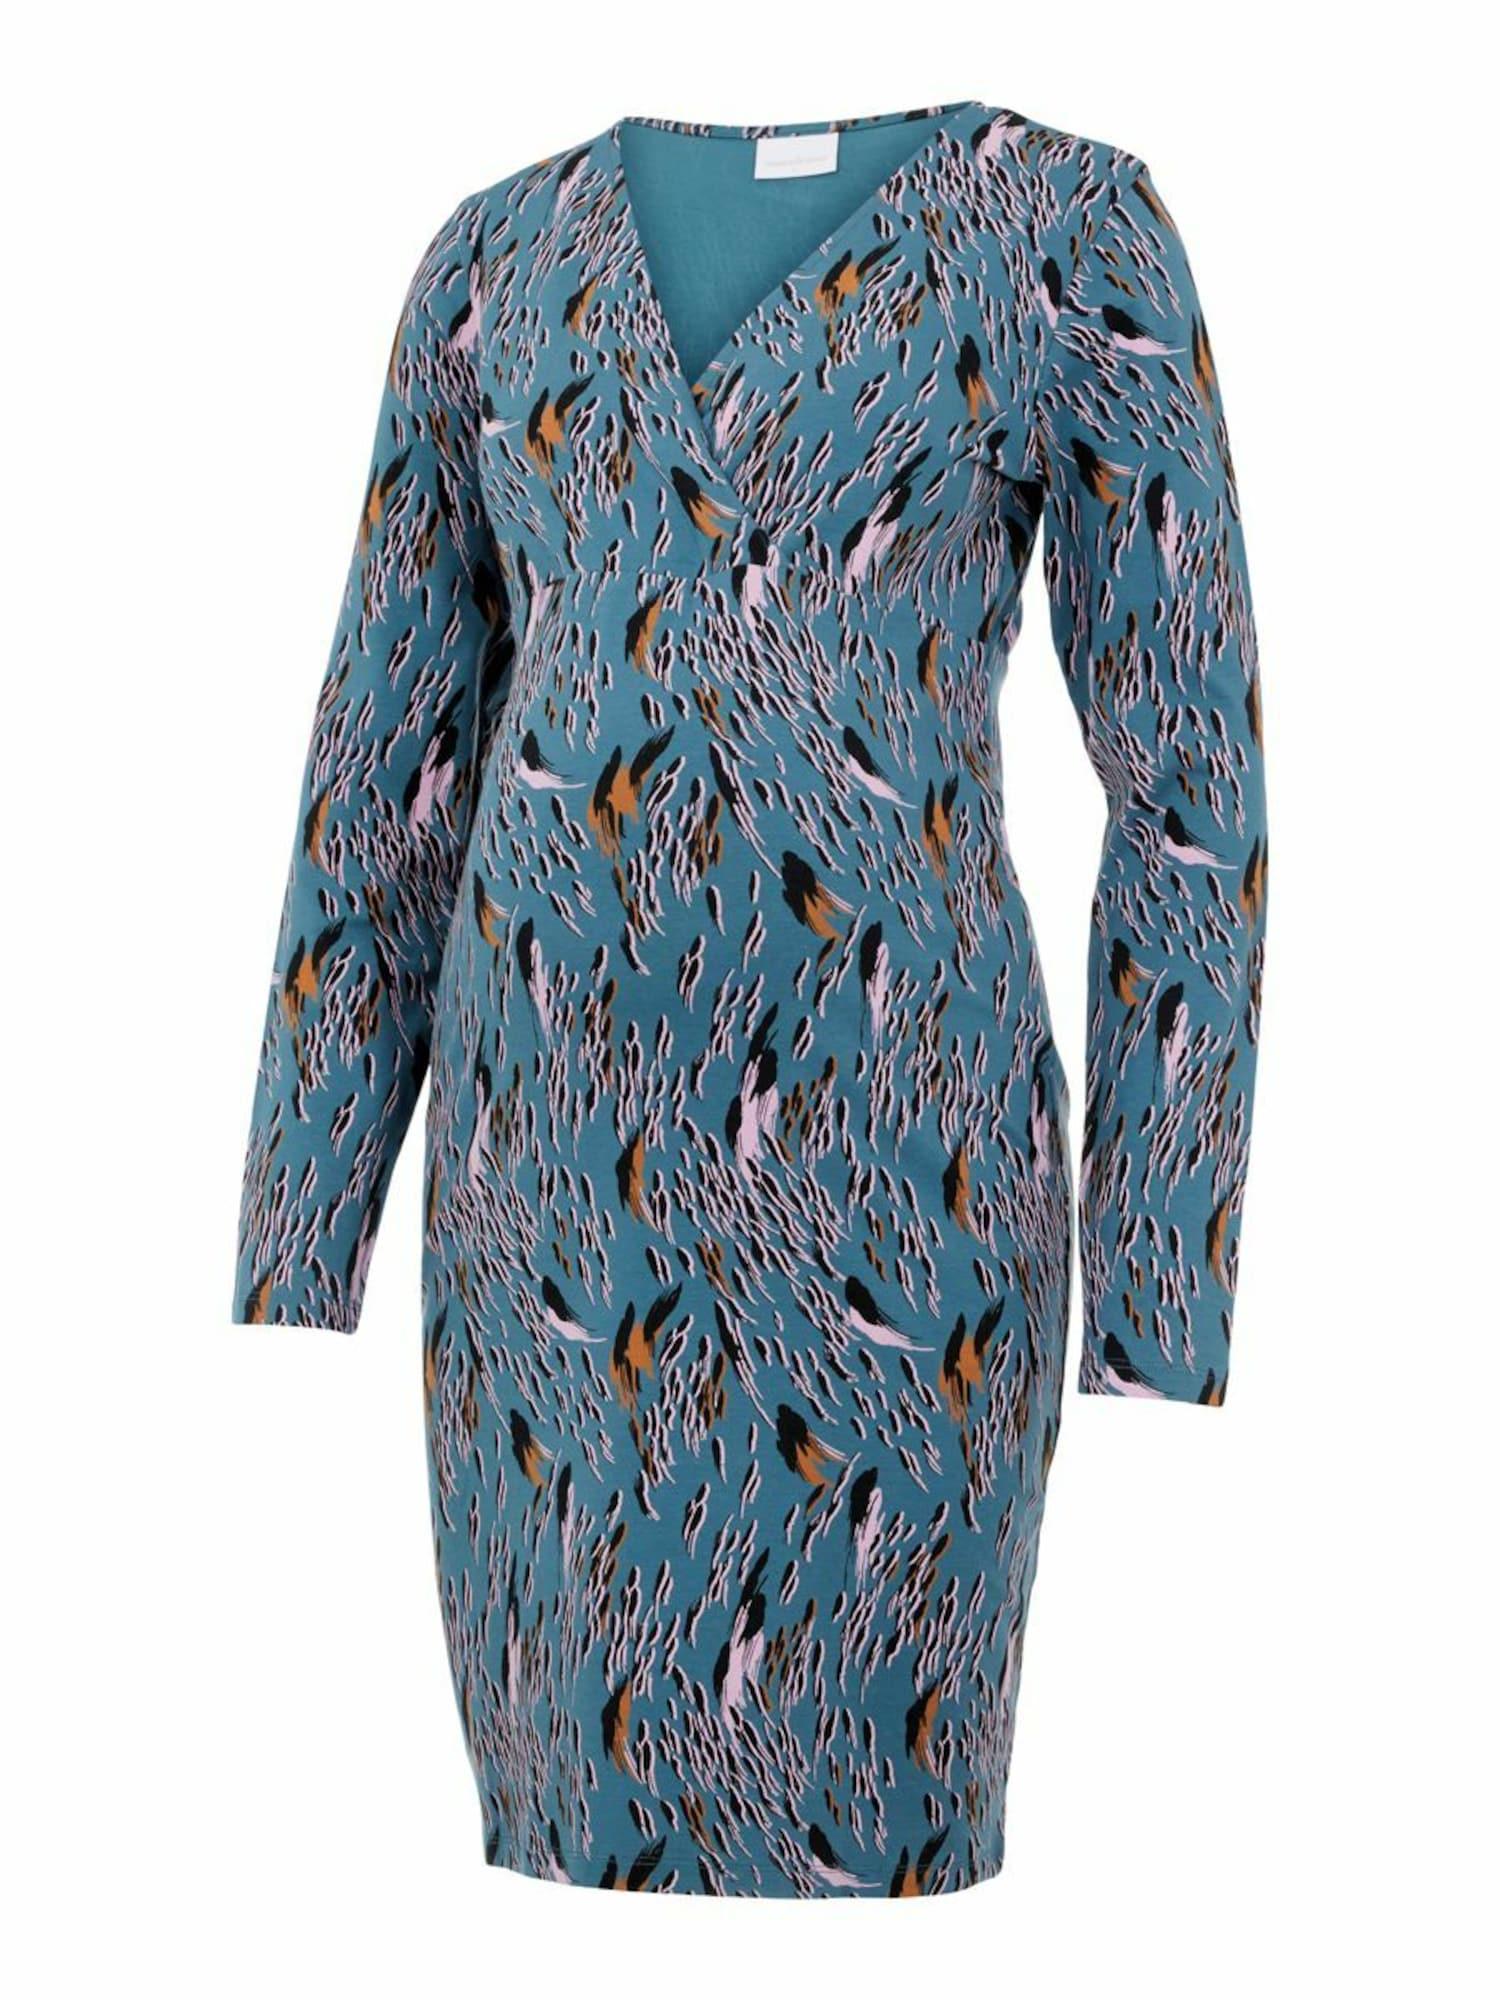 MAMALICIOUS Suknelė 'Addis Tess' benzino spalva / rožių spalva / juoda / ruda (konjako)